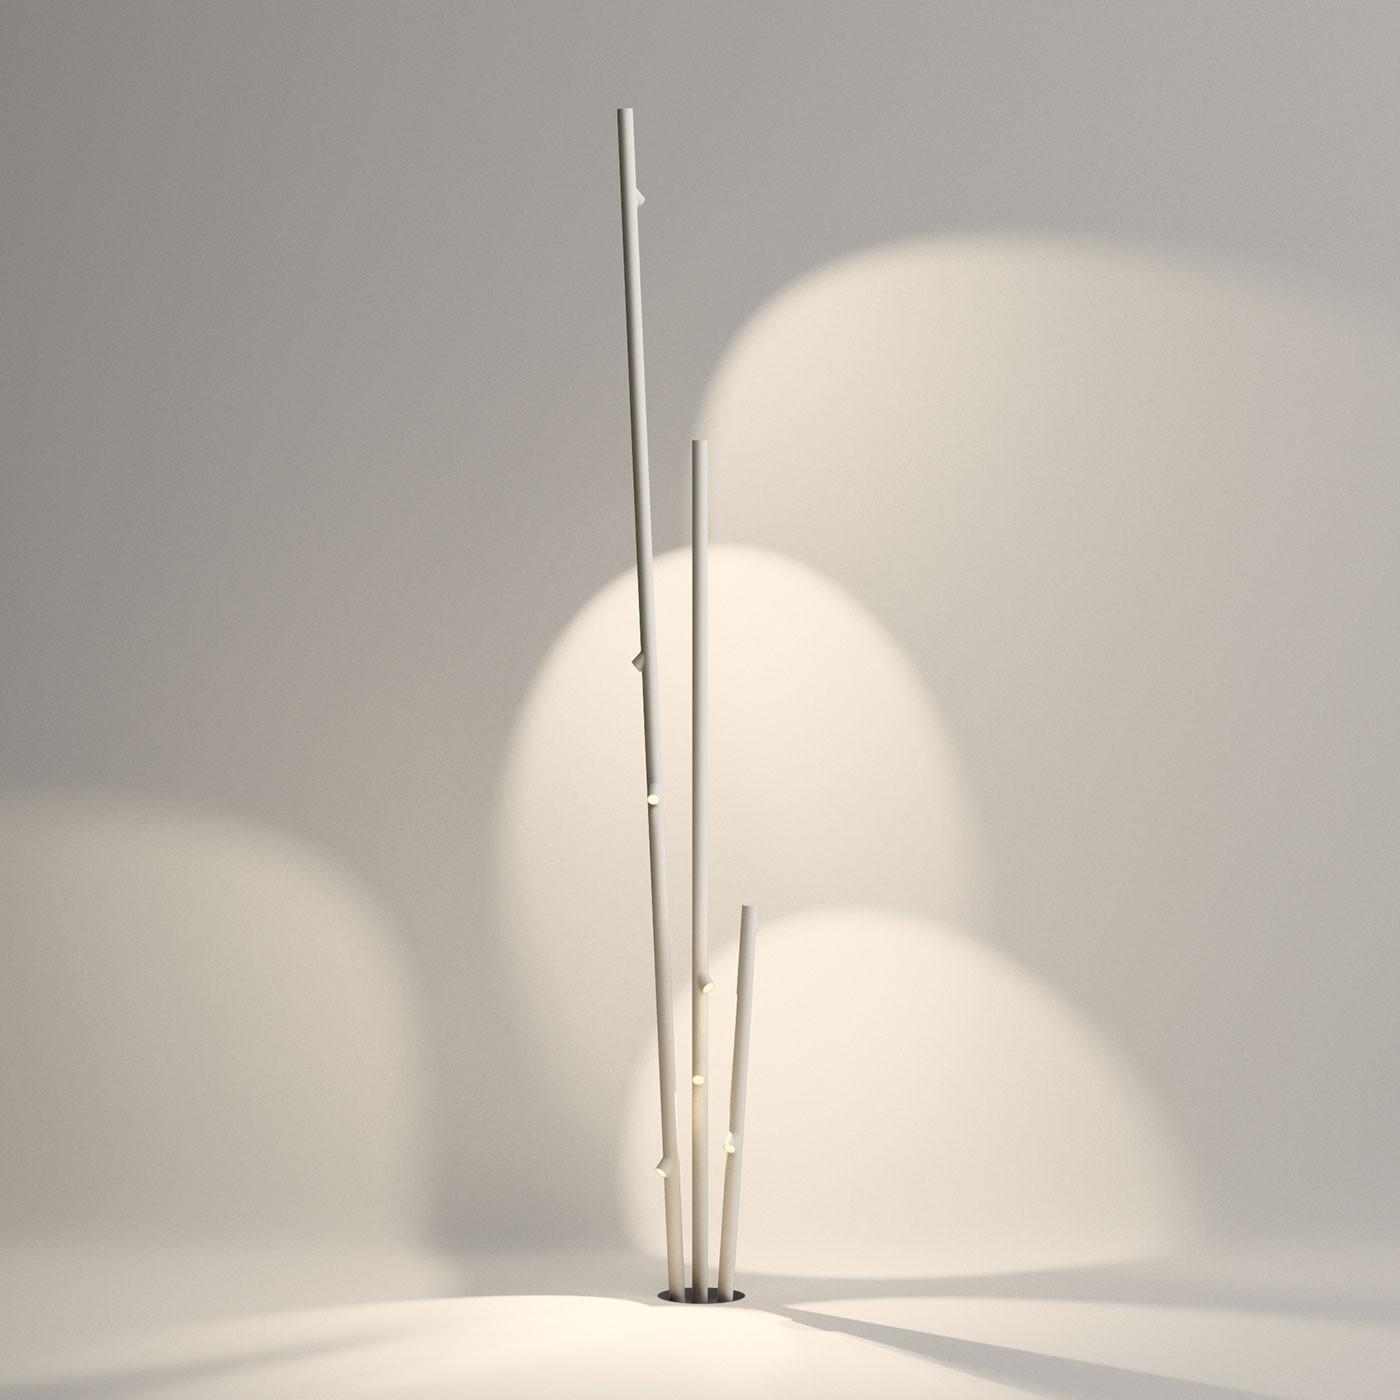 Vibia Bamboo 4812 Lampadaire d'extérieur